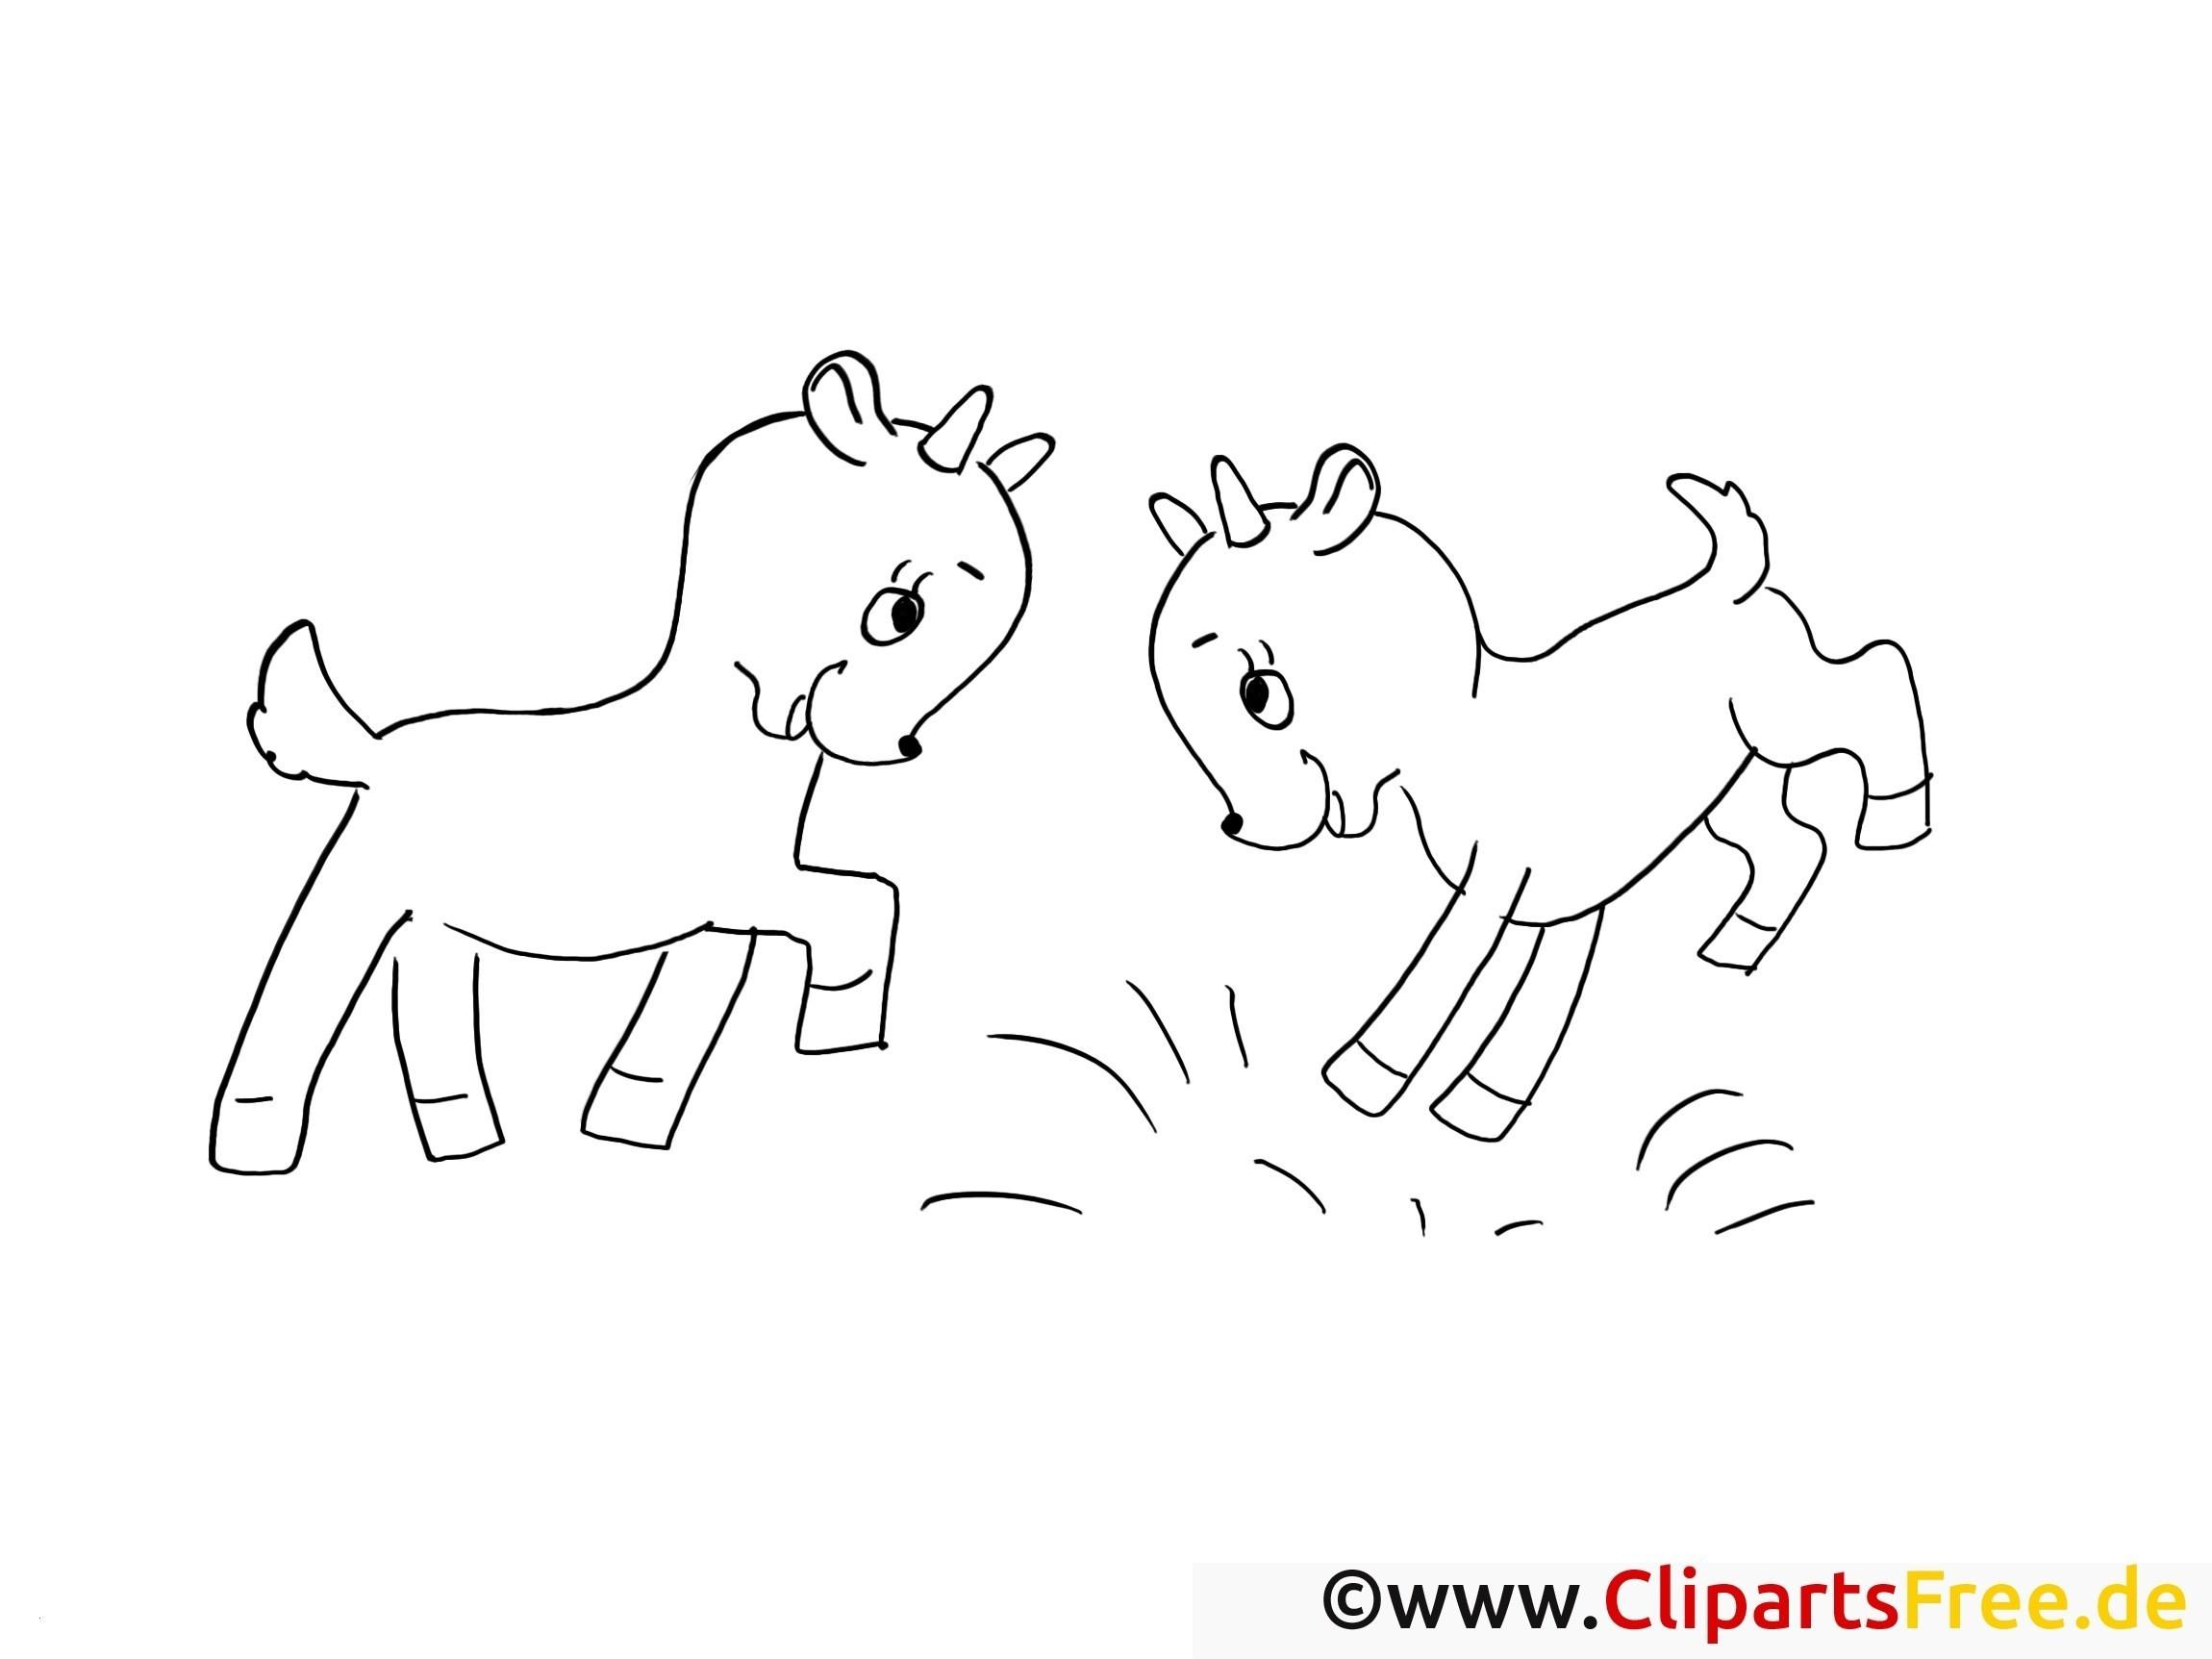 Einhorn Bilder Zum Ausmalen Frisch Einhorn Bilder Cartoon Faszinierend Fuchs Bilder Im Schnee Www Sammlung